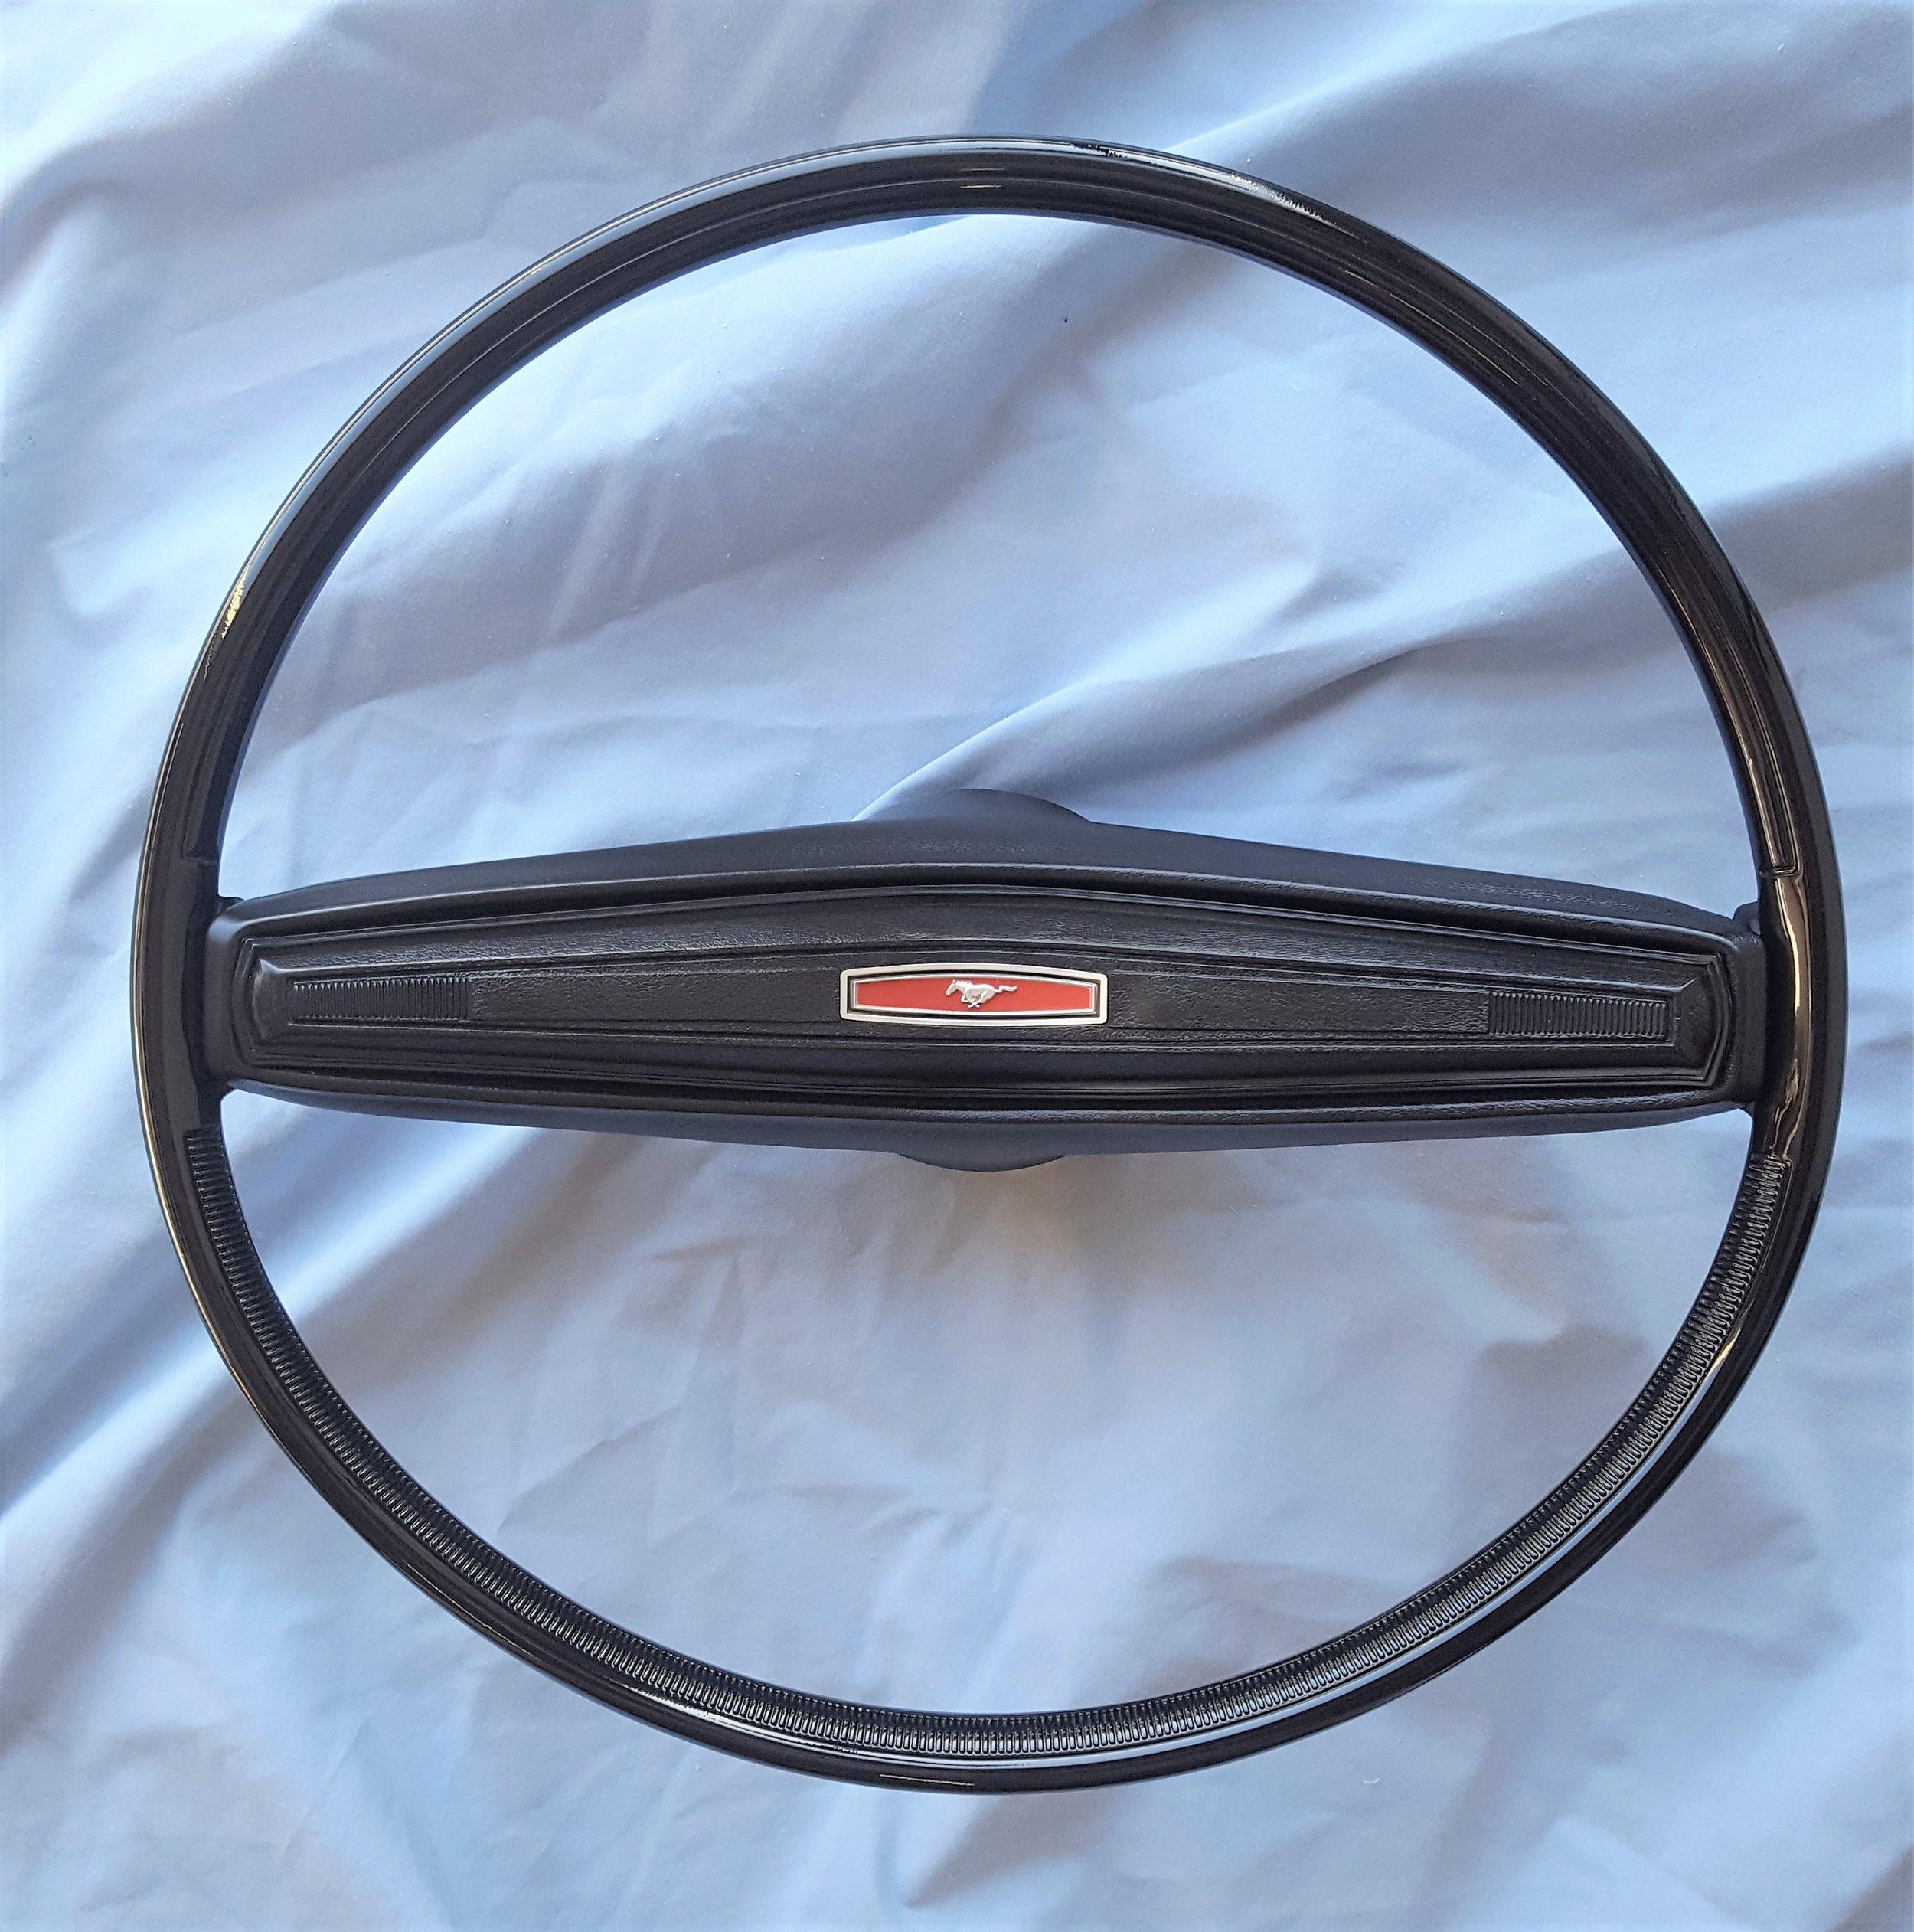 1970 Mustang 2 spoke steering wheel